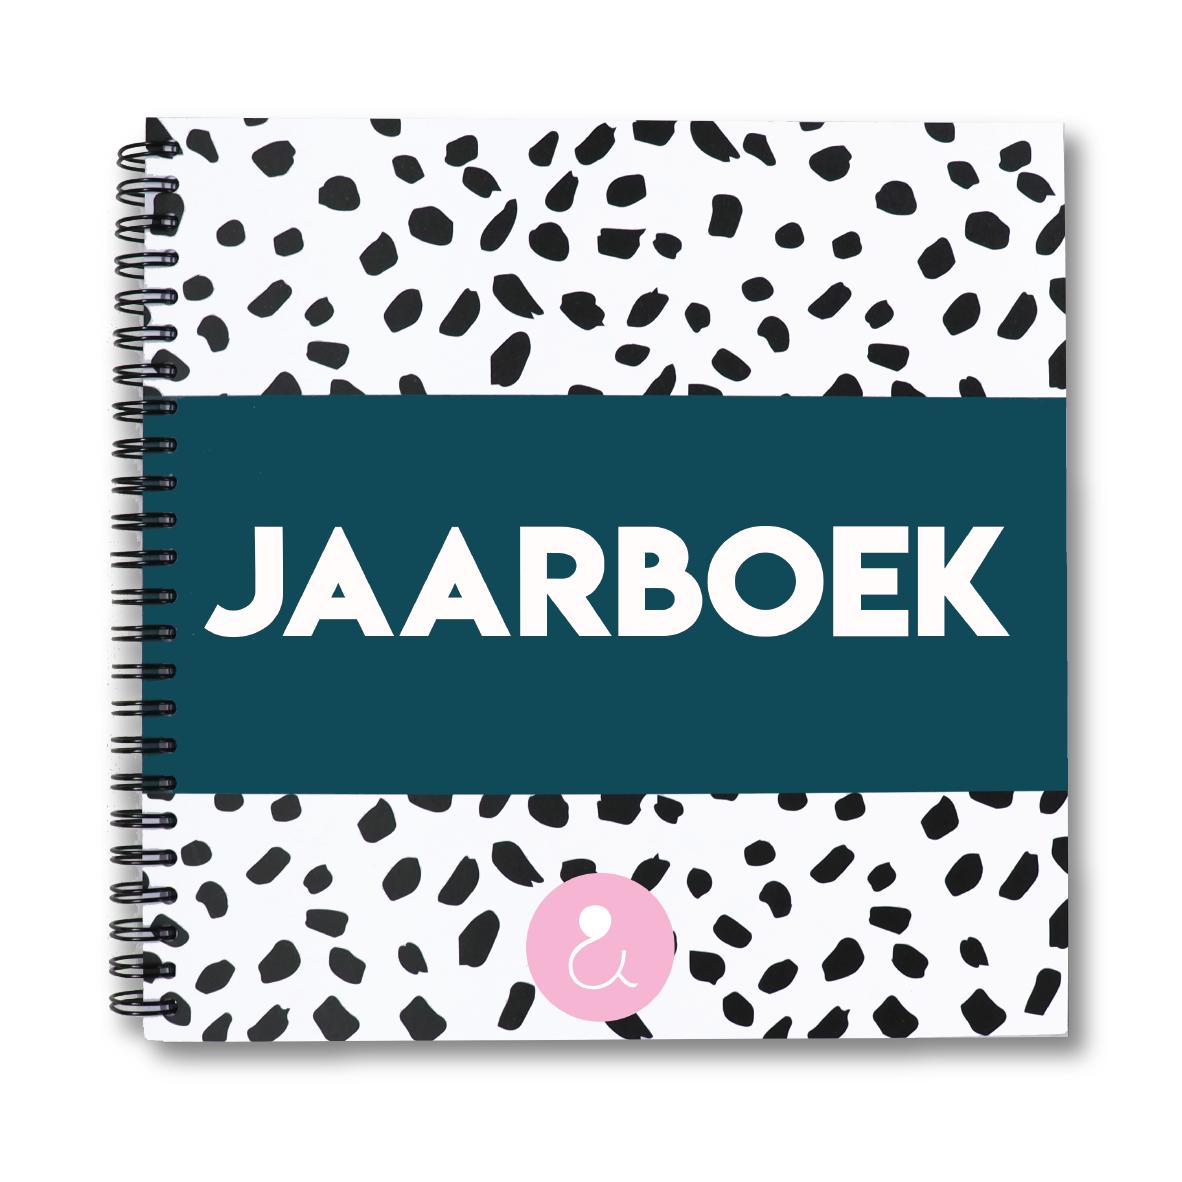 Jaarboek | donkerblauw